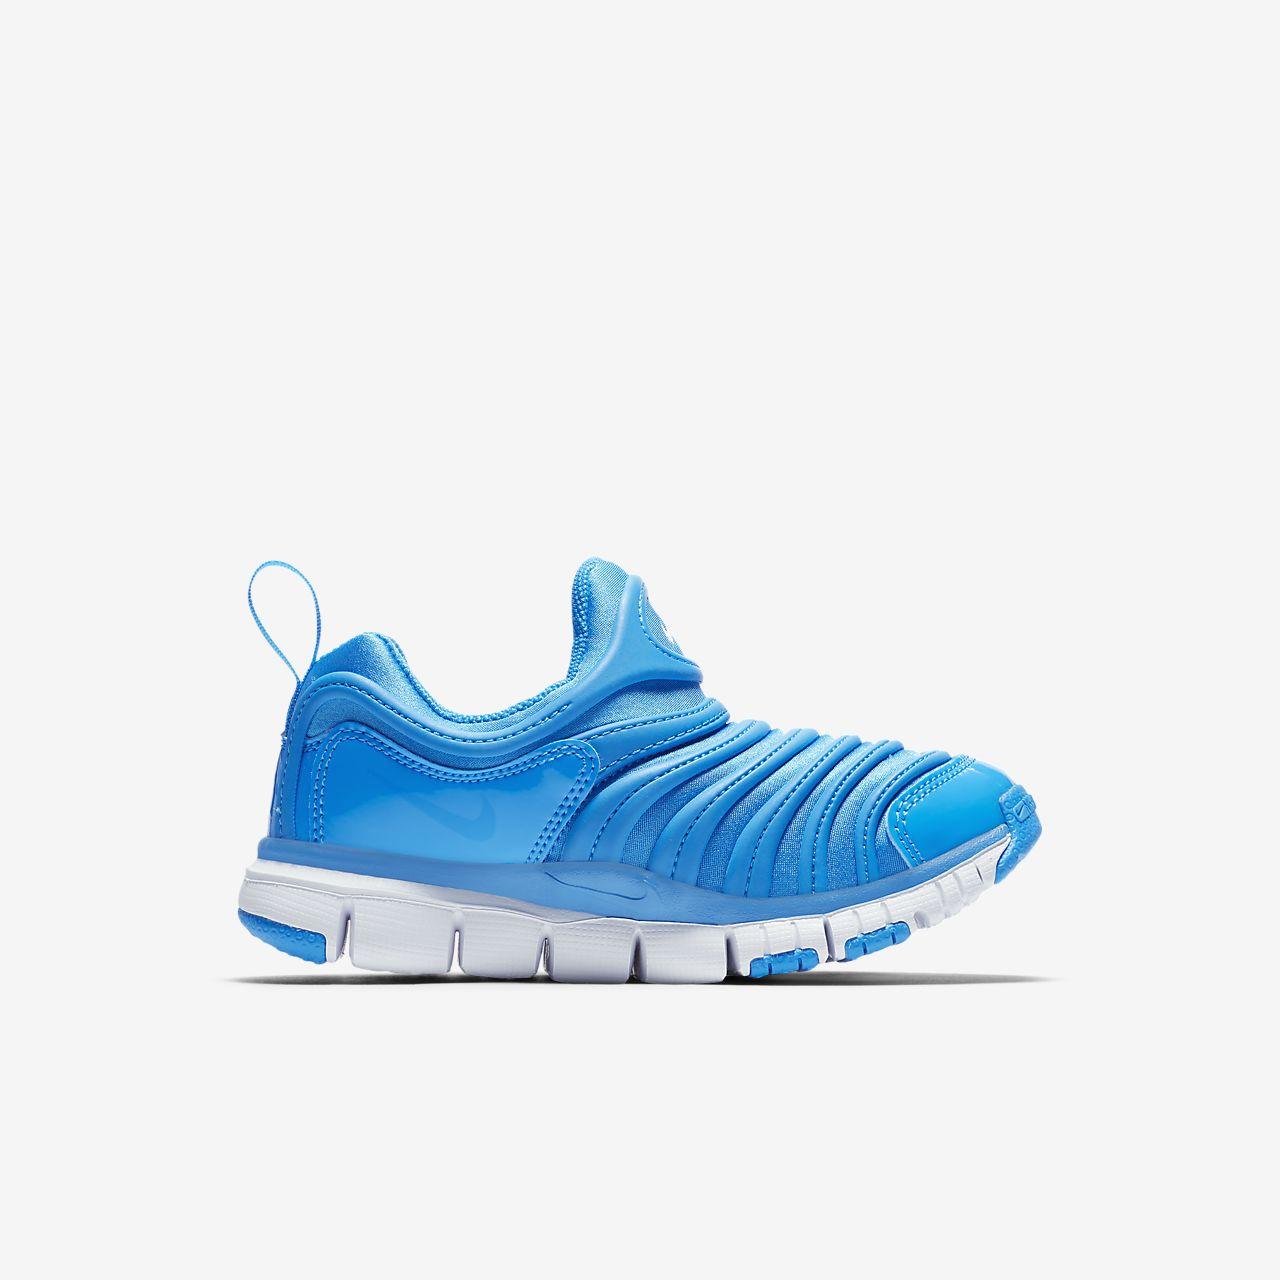 5c8f36406221 Nike Dynamo Free Younger Kids  Shoe. Nike.com GB